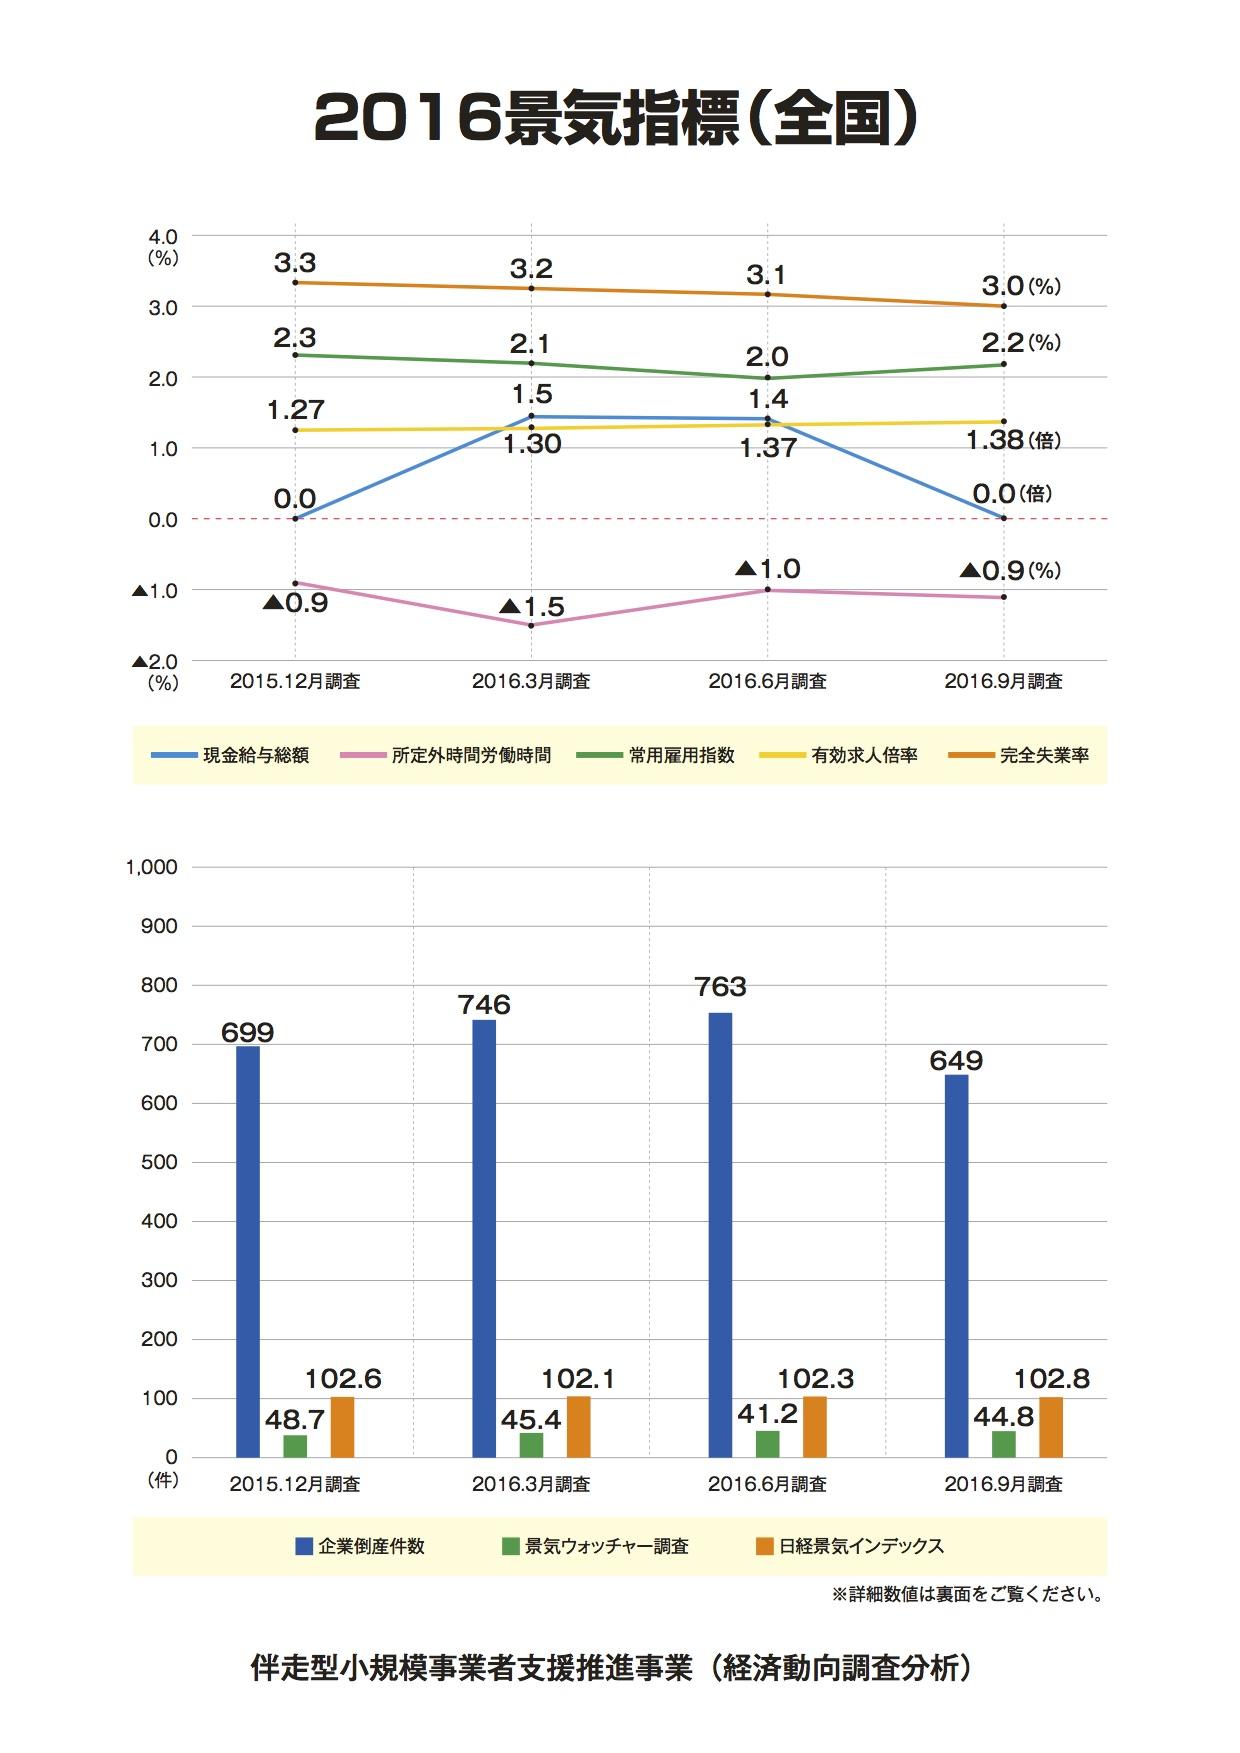 2016年9月 景気指標 1